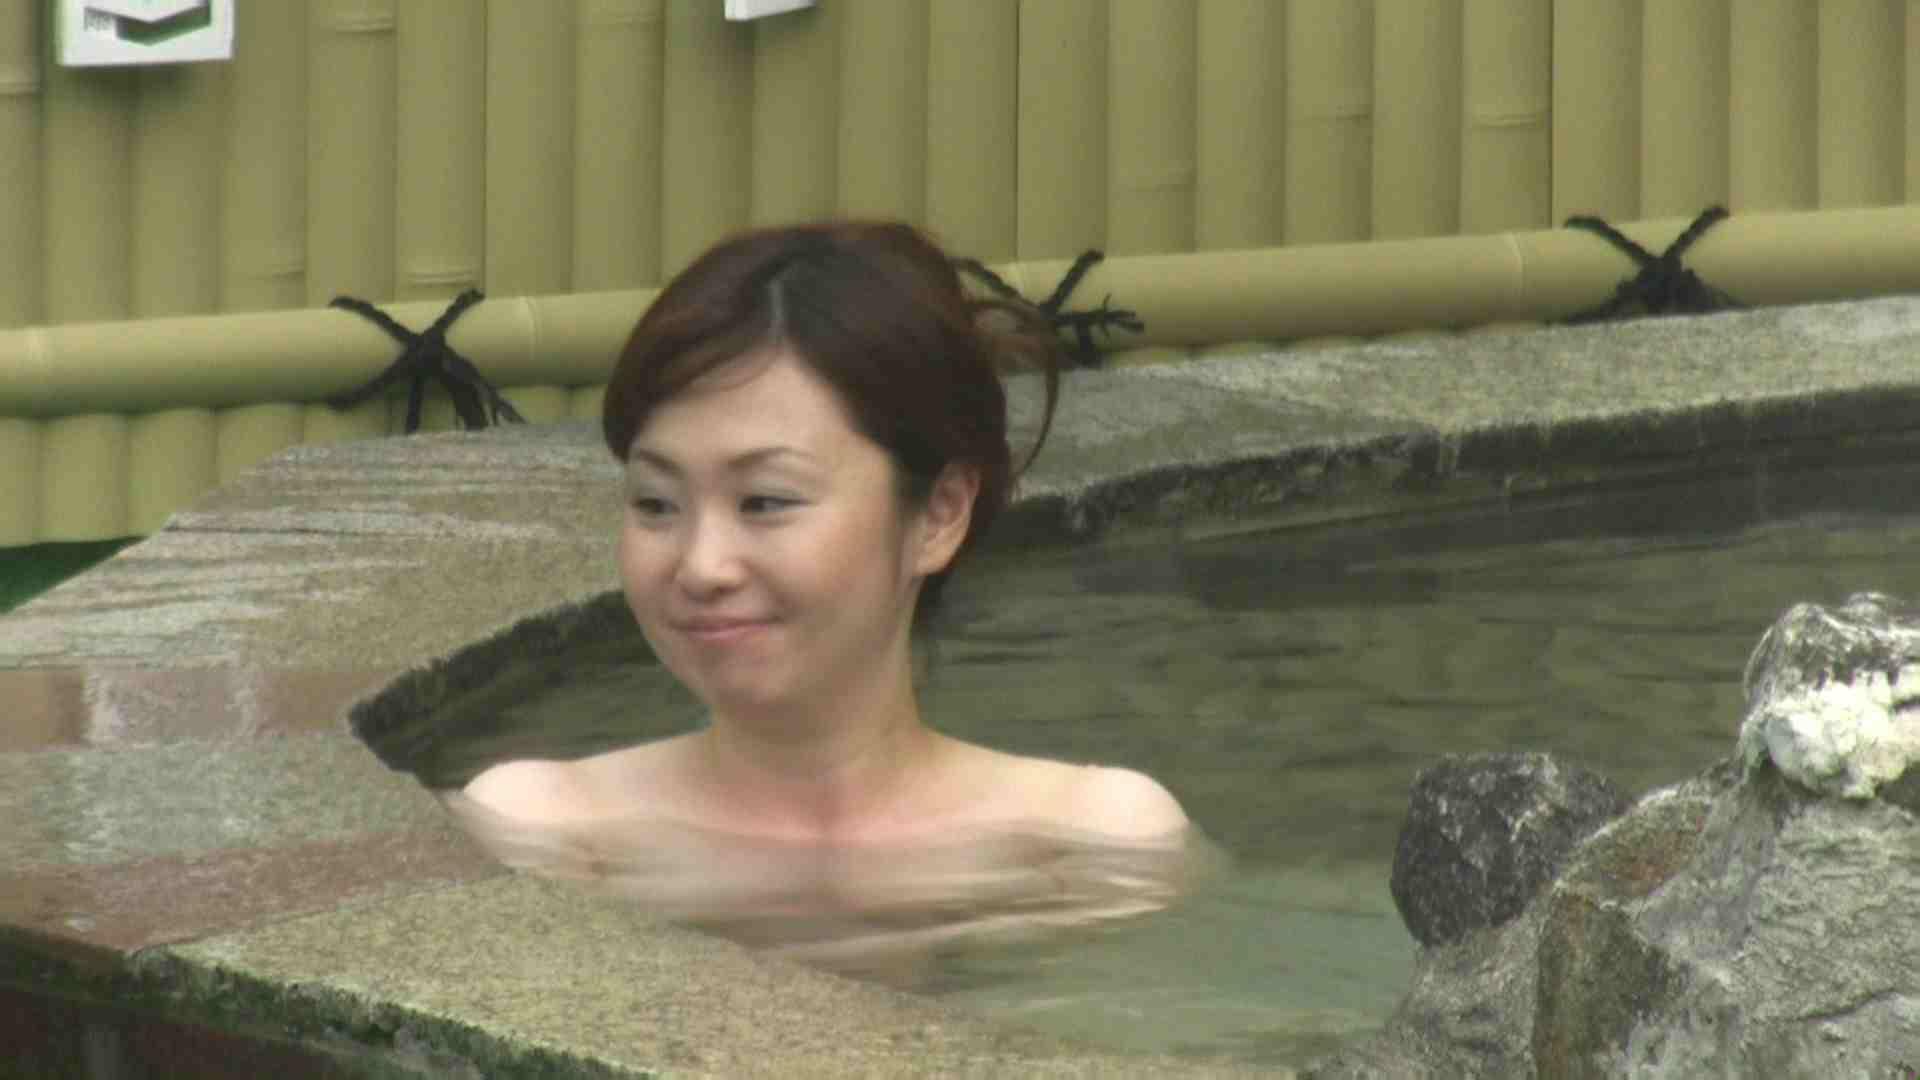 高画質露天女風呂観察 vol.033 高画質  57画像 35